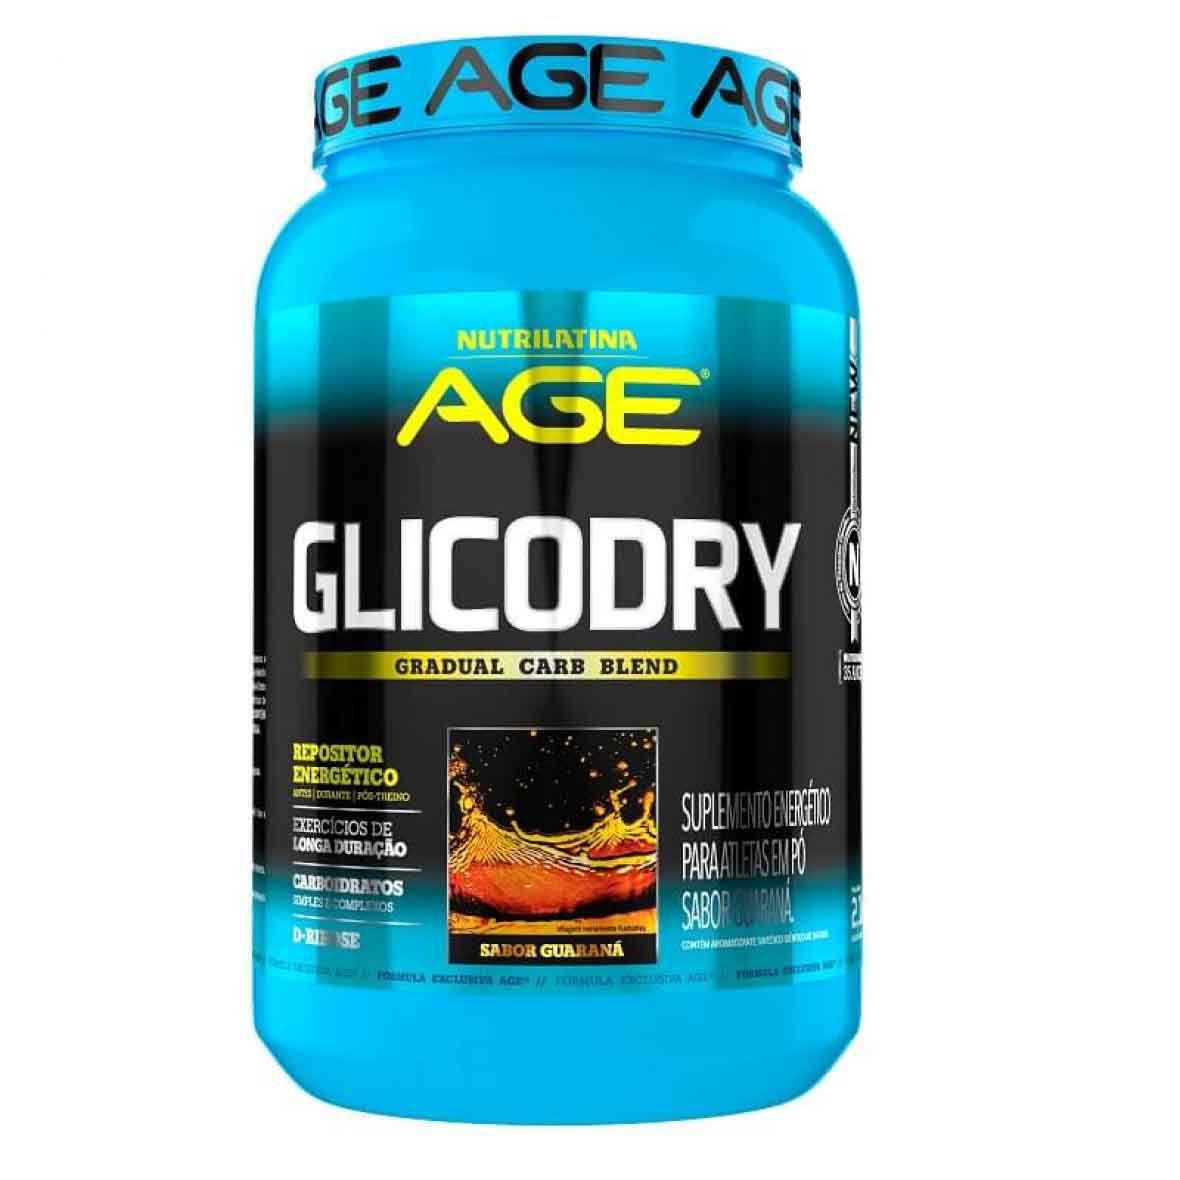 Glicodry AGE 2,1kg Nutrilatina